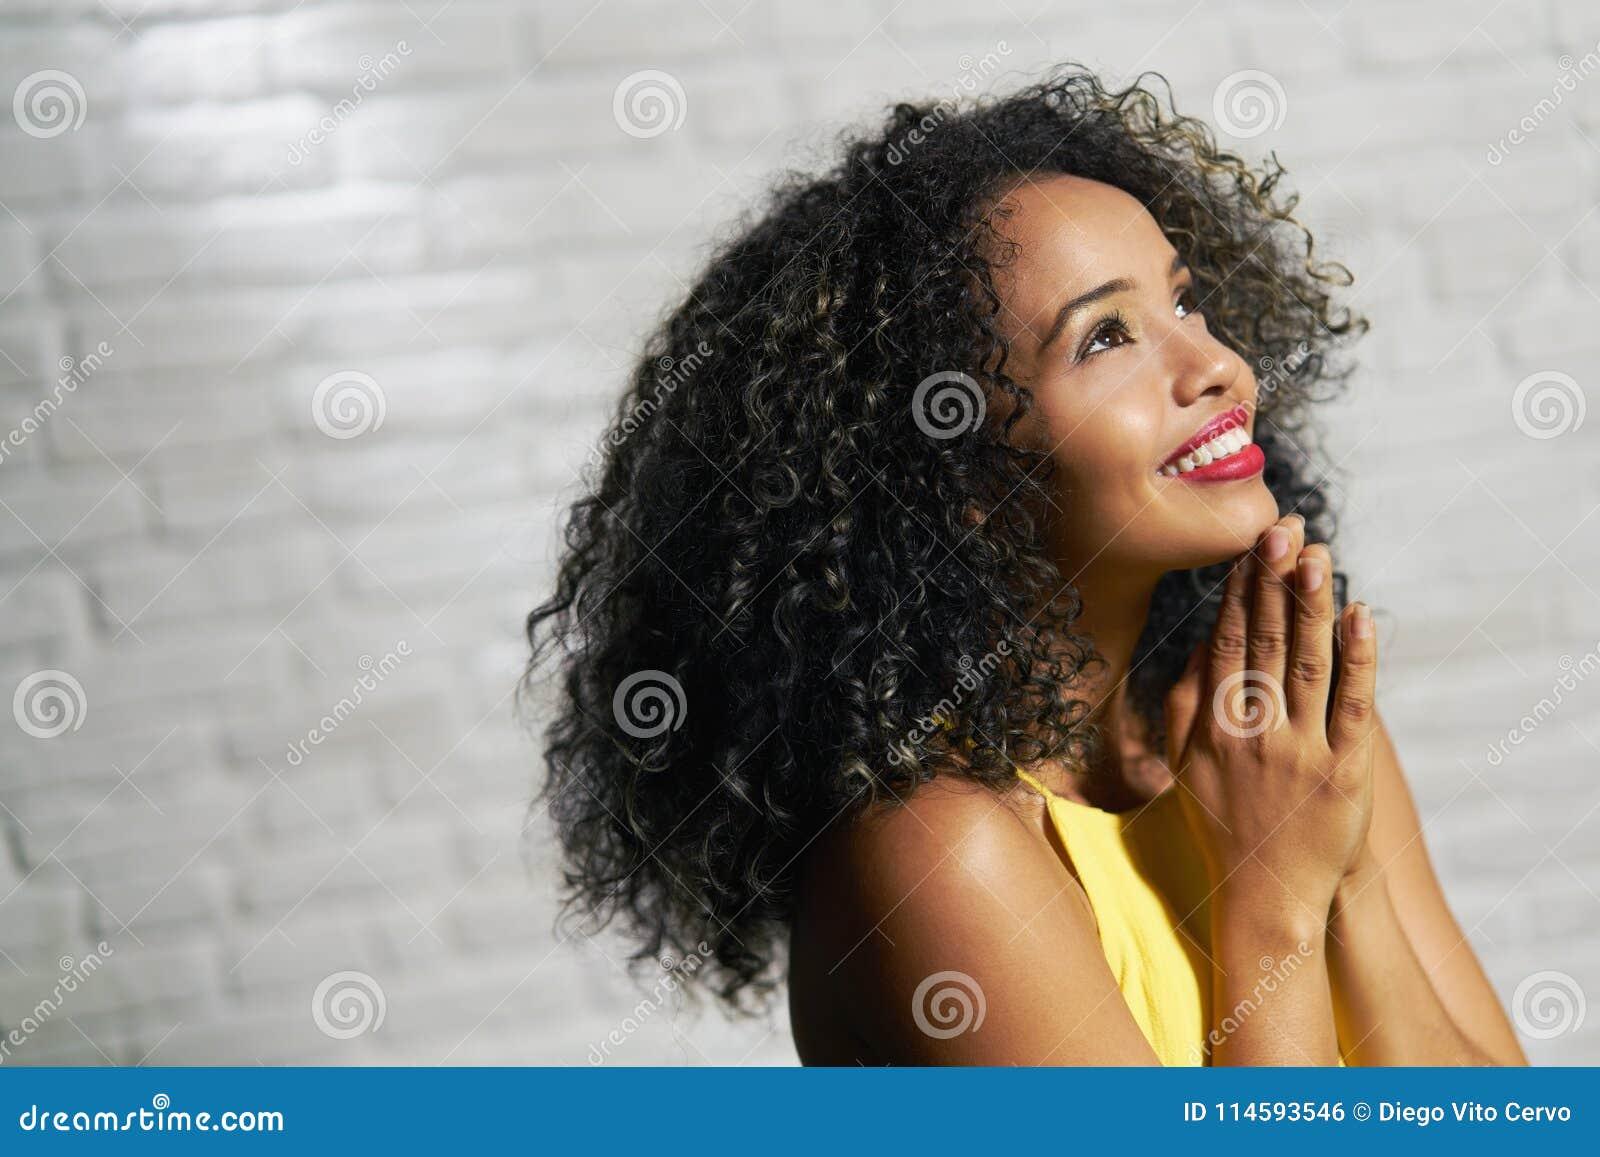 Expressões faciais da mulher negra nova na parede de tijolo